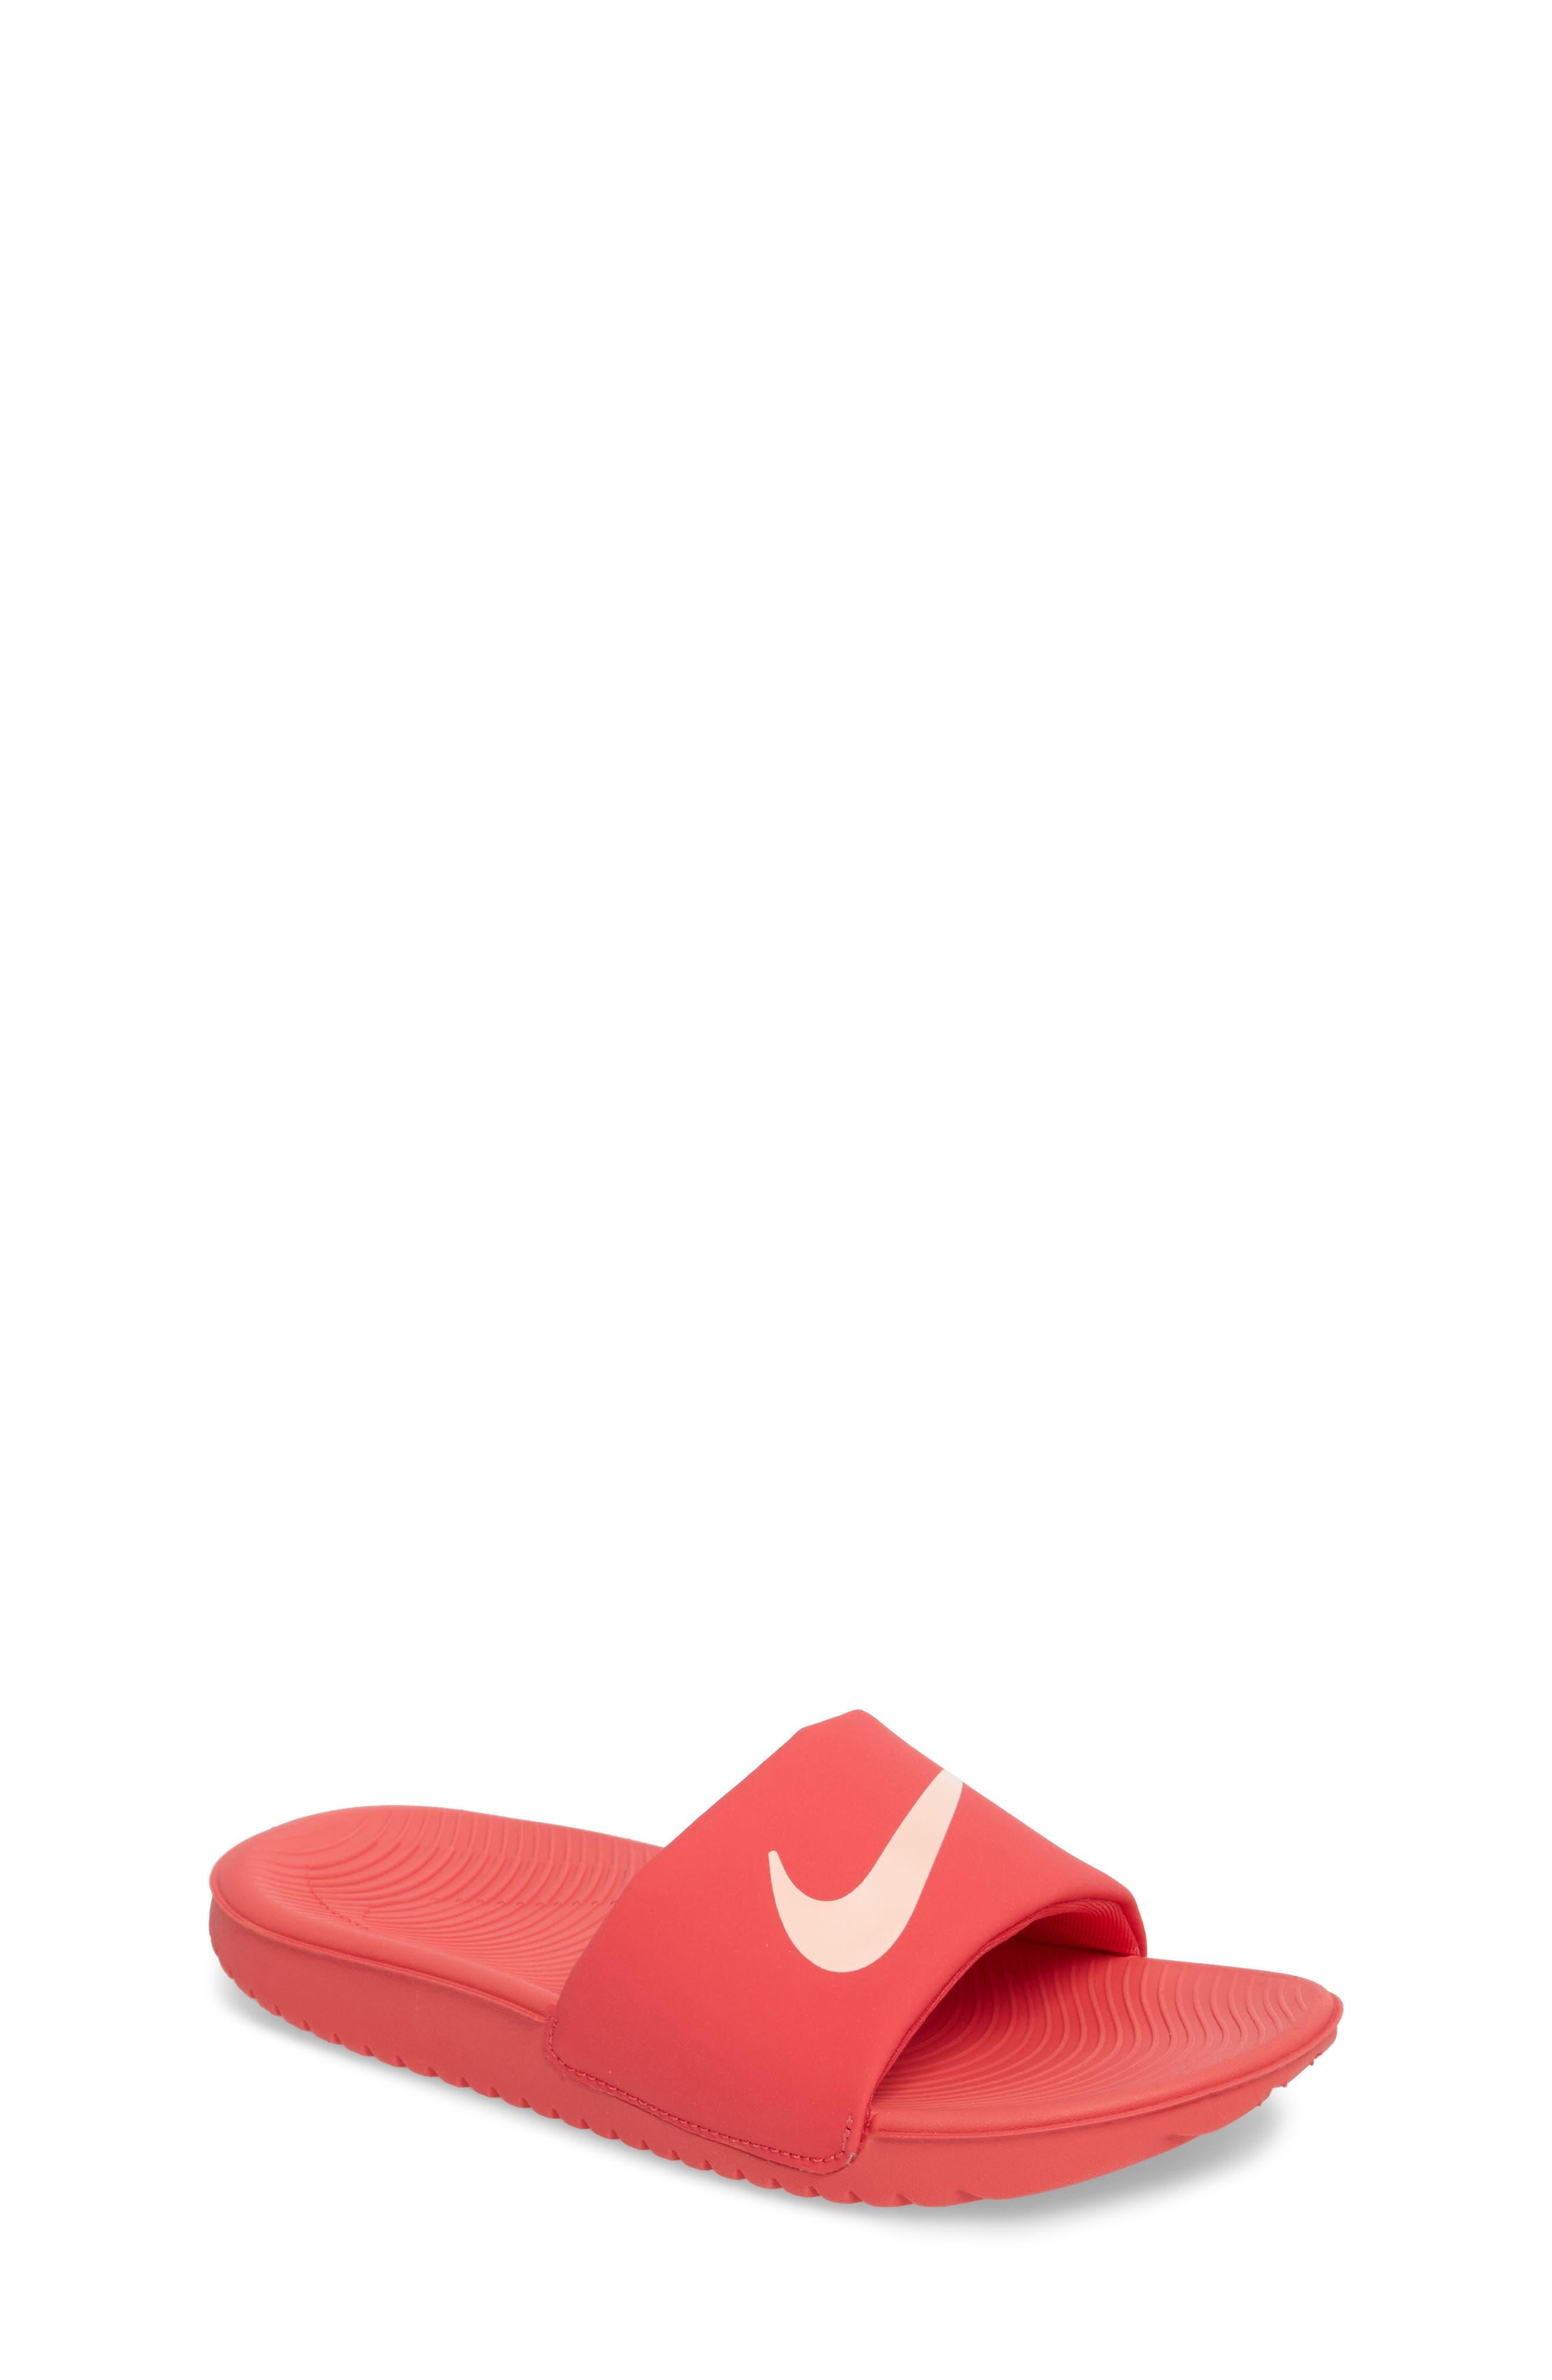 'Kawa' Slide Sandal,                             Main thumbnail 1, color,                             Tropical Pink/ Bleached Coral